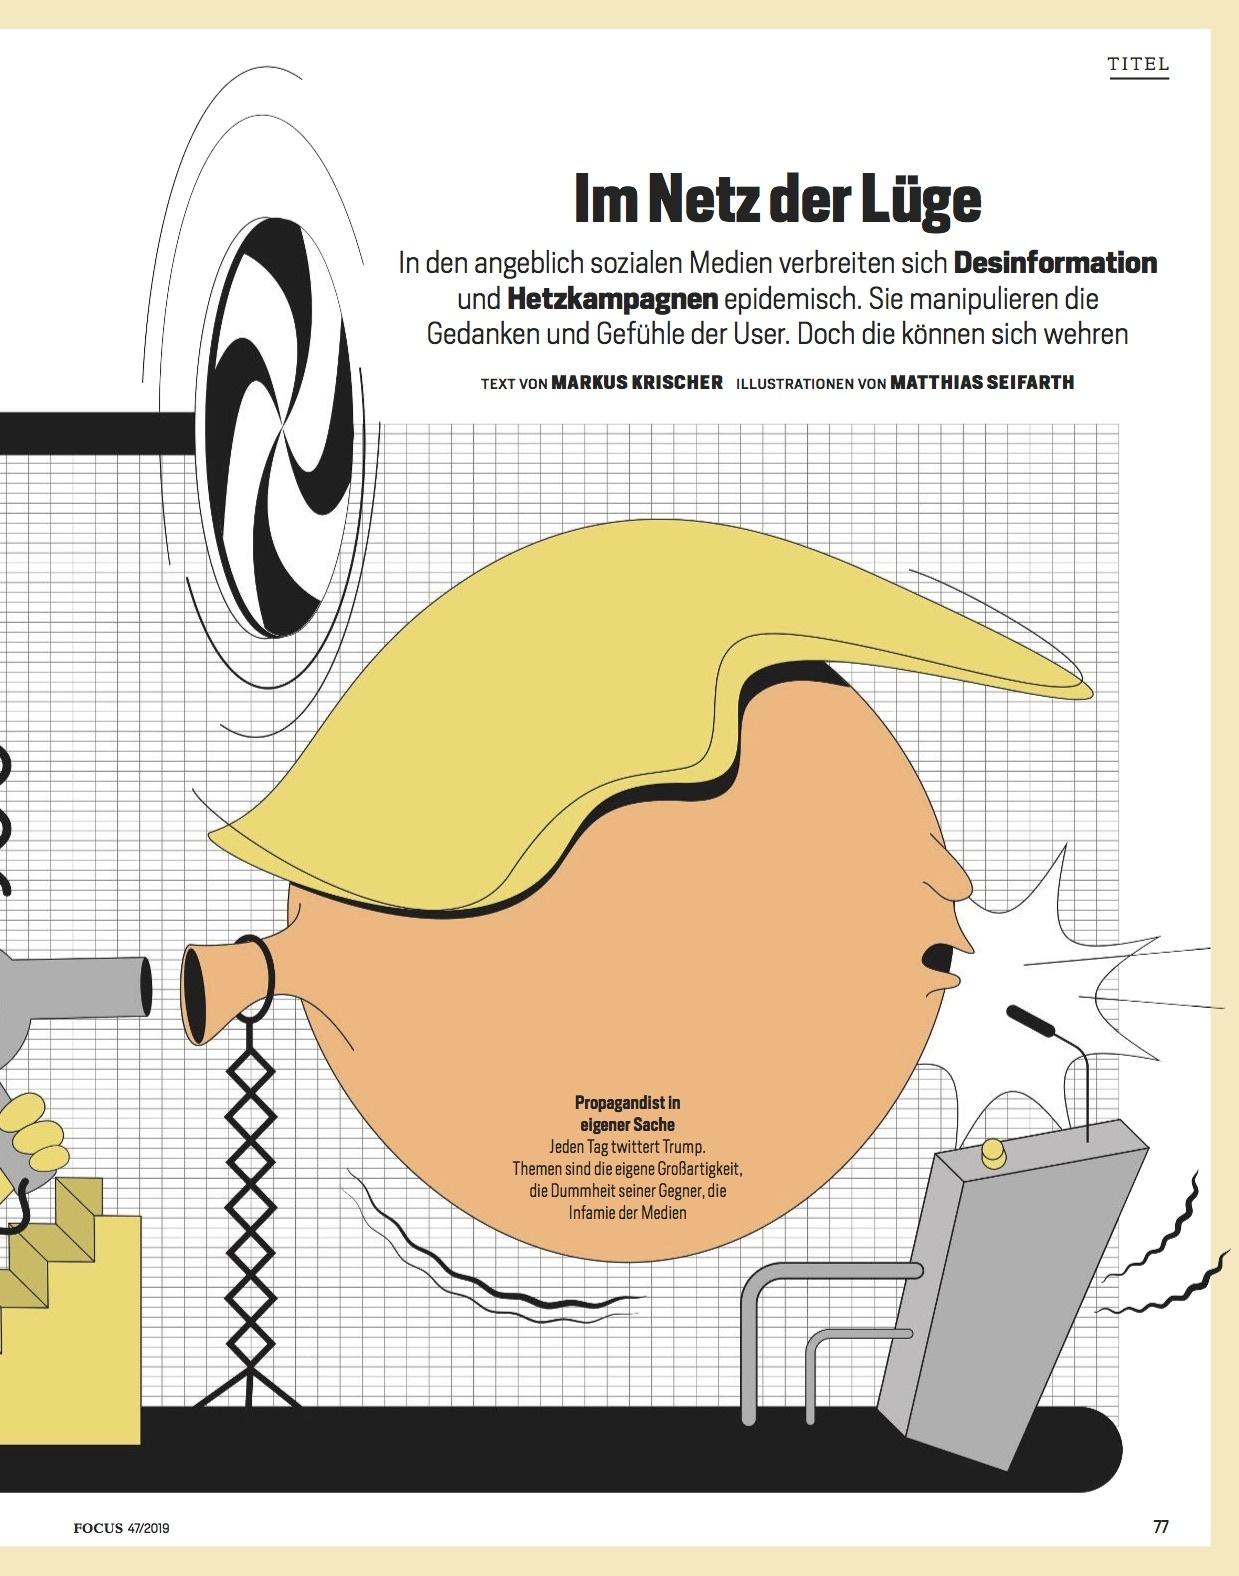 FOCUS Magazin FOCUS Magazin - Die Macht der Manipulation